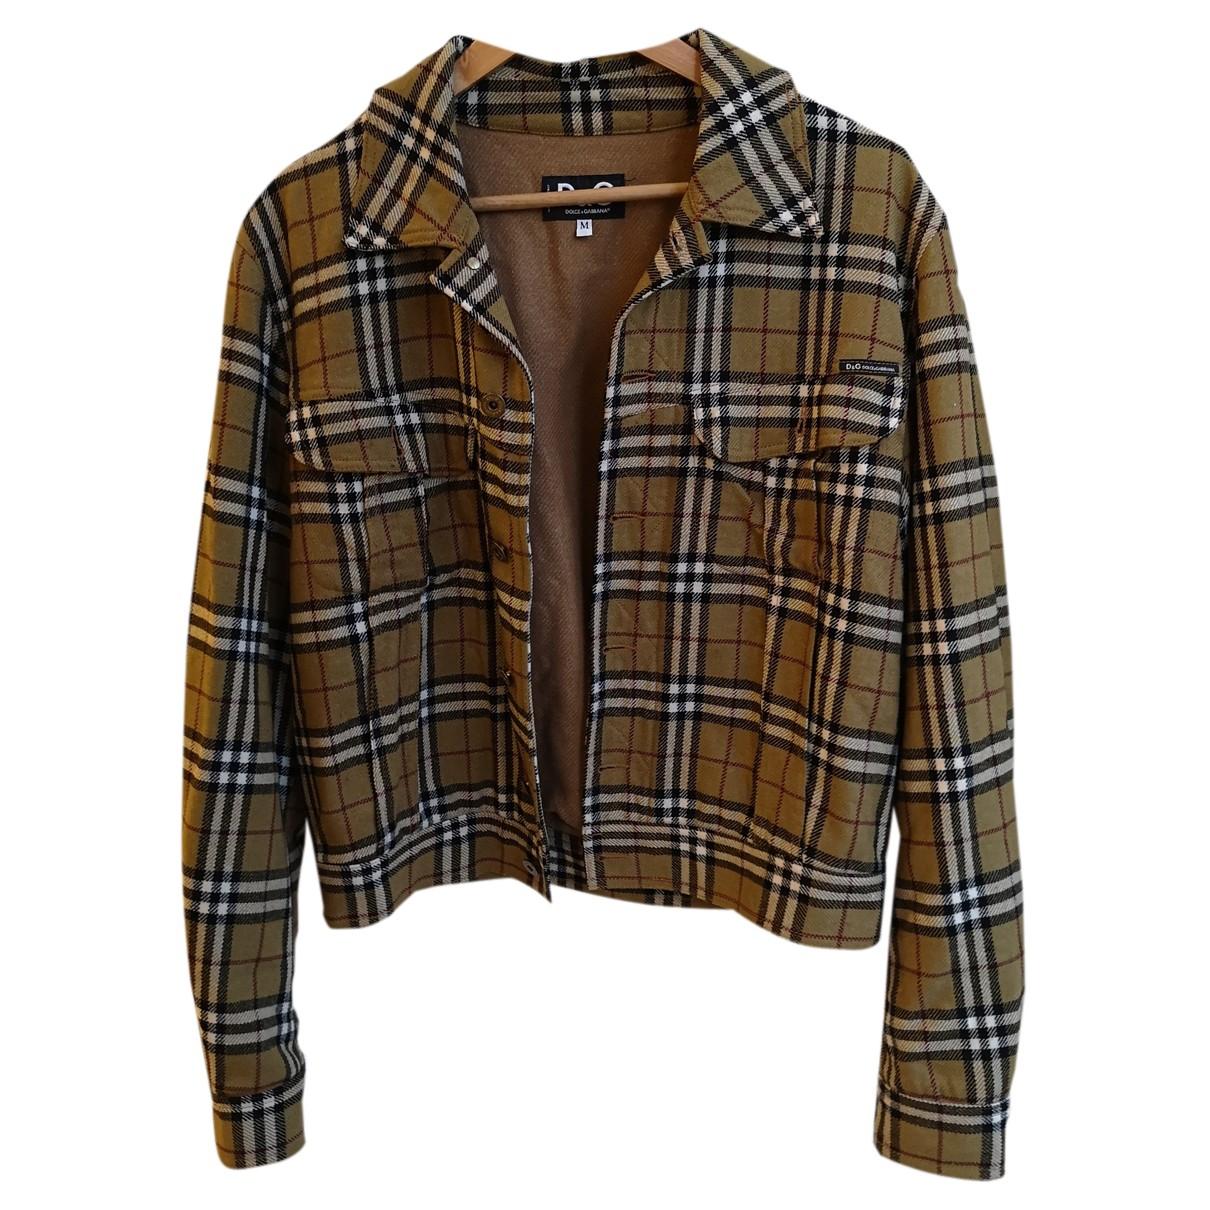 D&g - Vestes.Blousons   pour homme en laine - beige